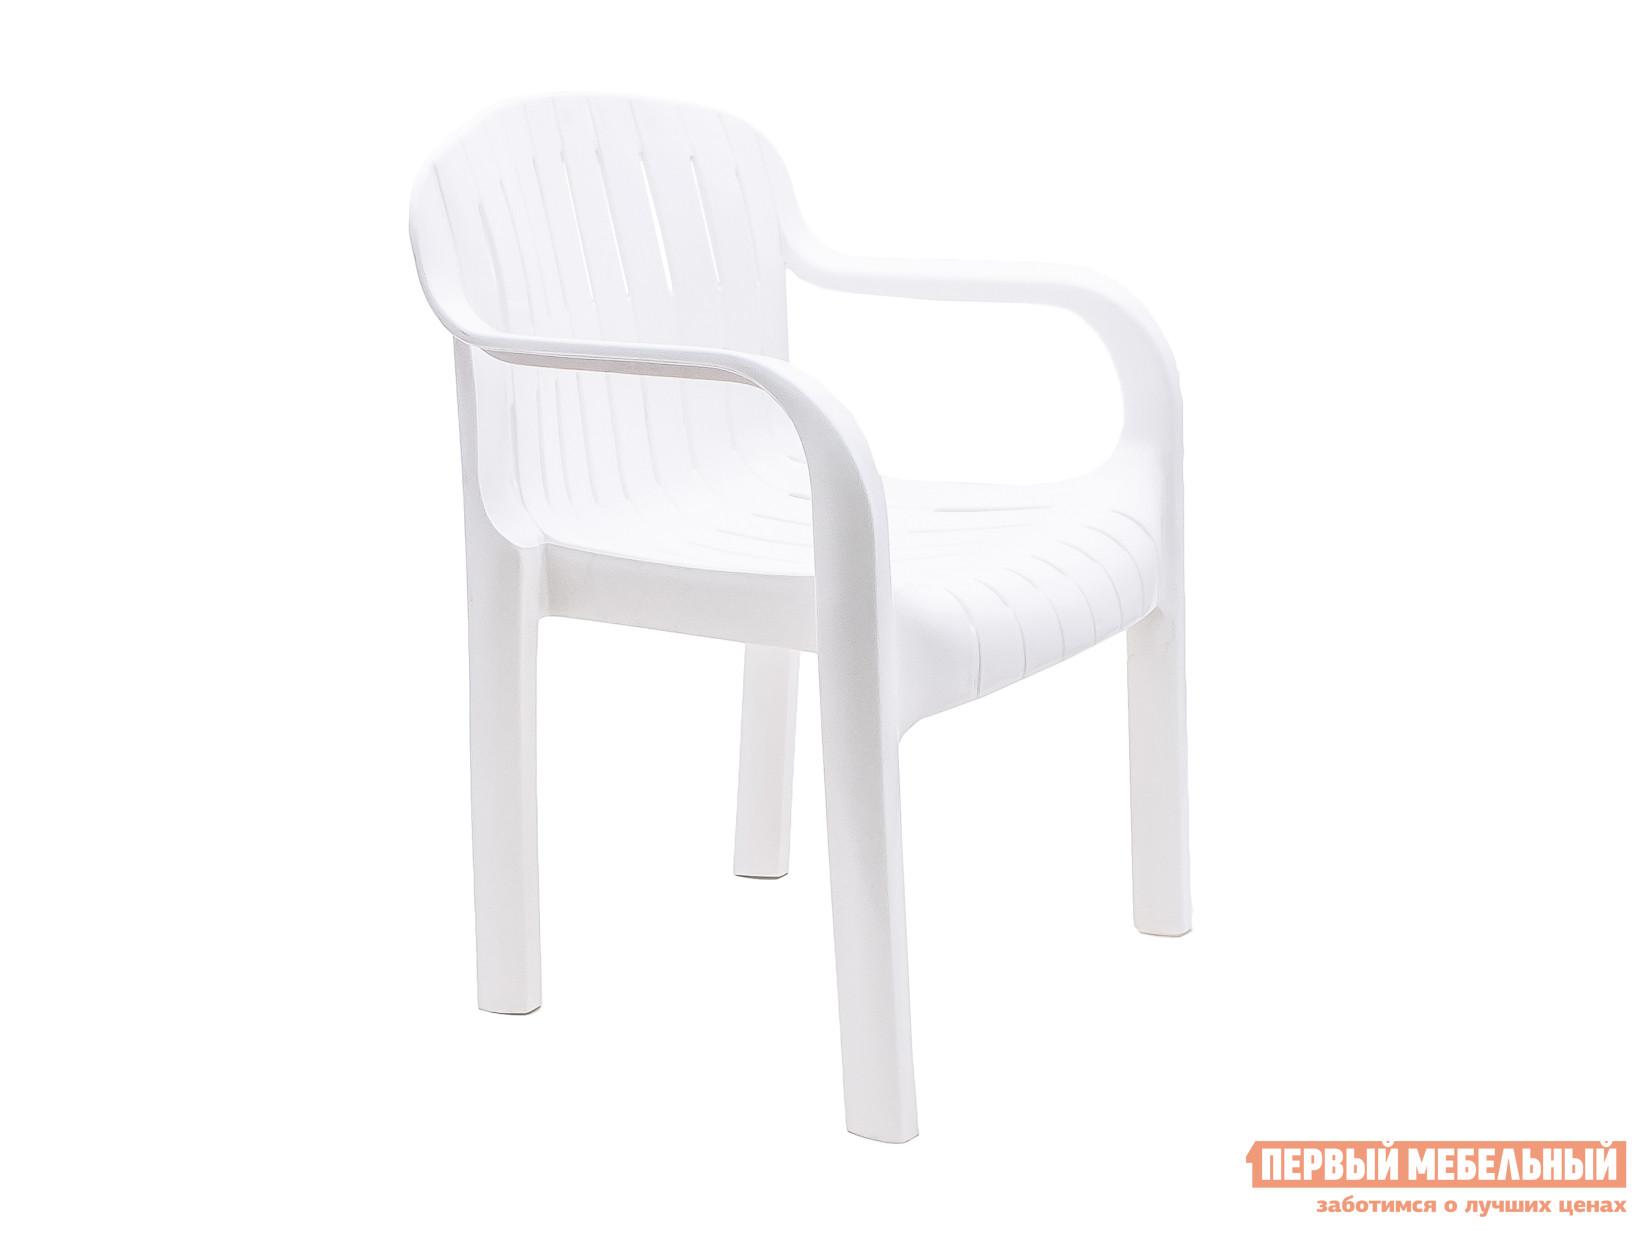 Стул Стандарт Пластик Кресло №4 «Летнее» (610х480х810)мм Белый от Купистол